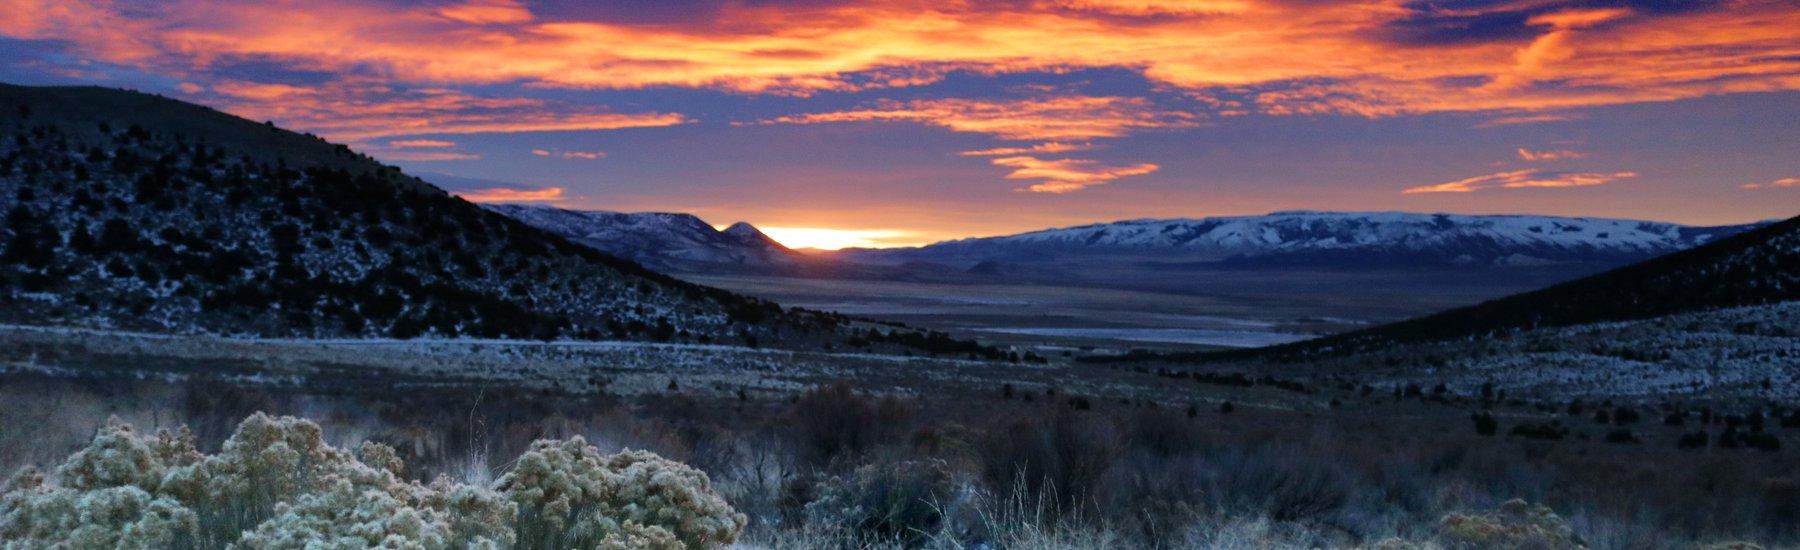 Cassia County, Idaho - Home